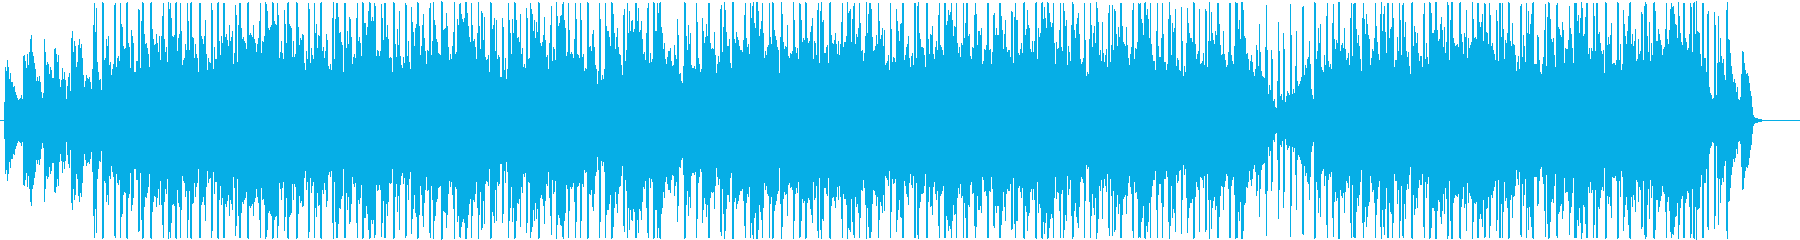 アンビエント感のあるチル、ヒップホップの再生済みの波形